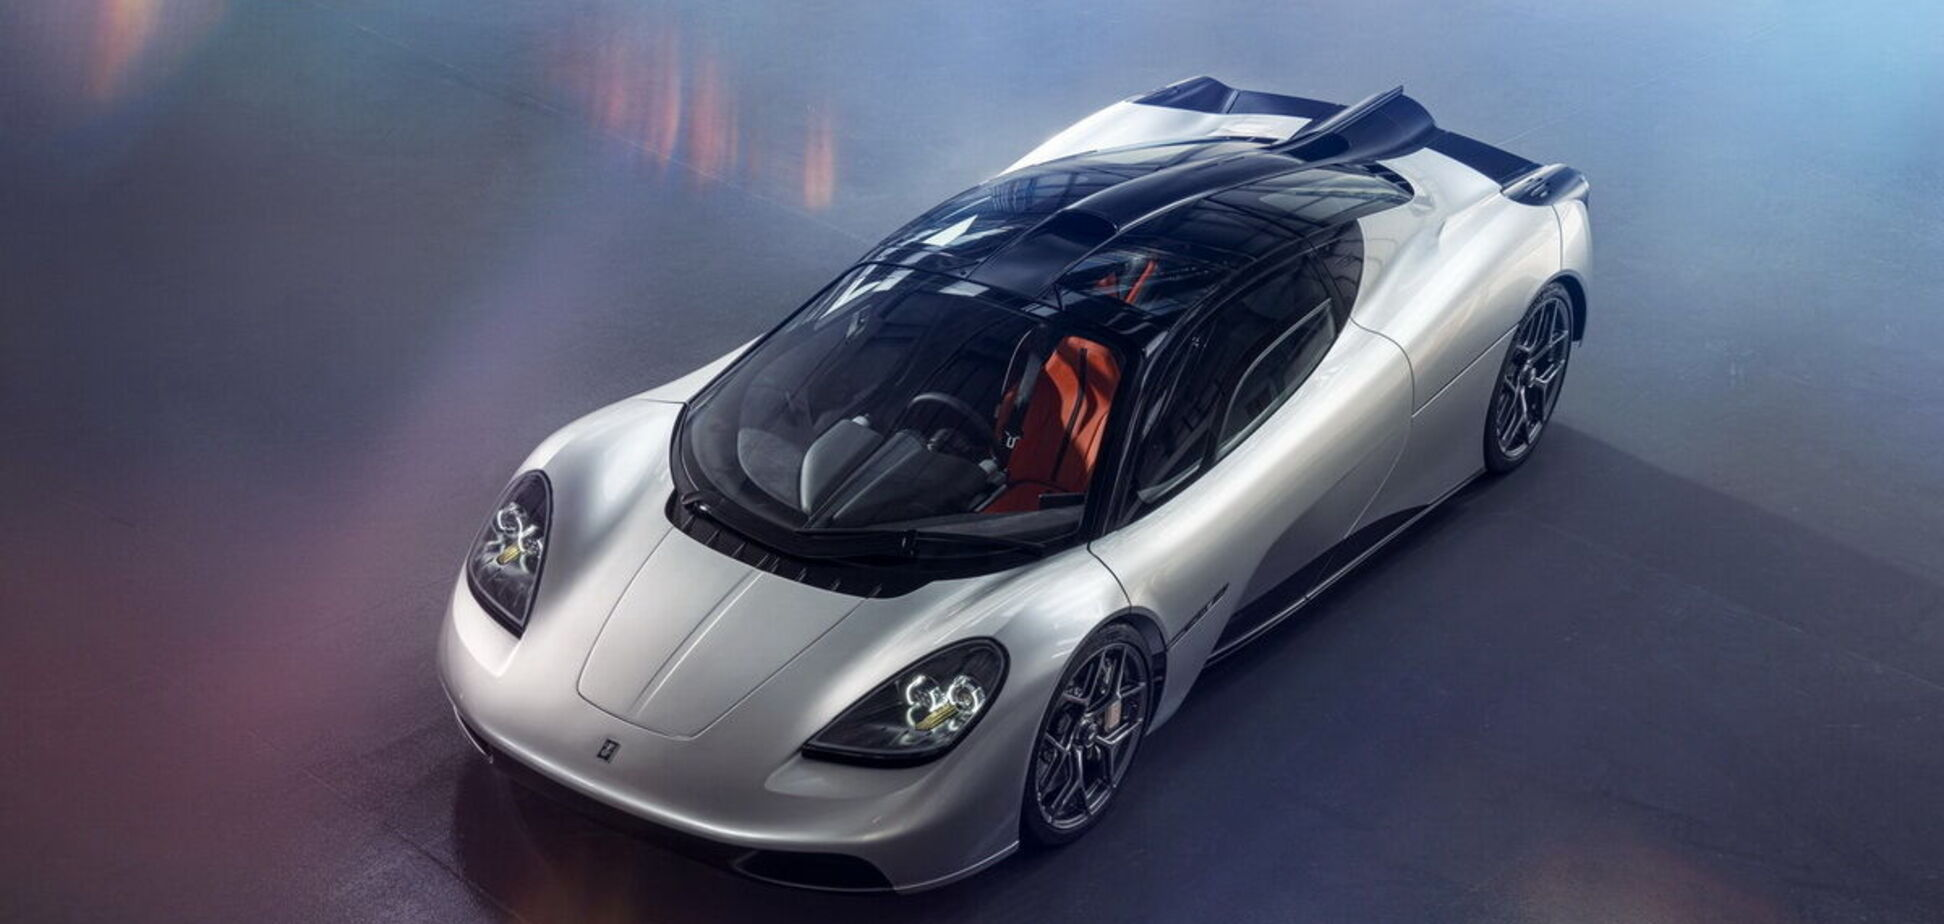 Диво автомобільної інженерної думки оцінили в $3,1 мільйони